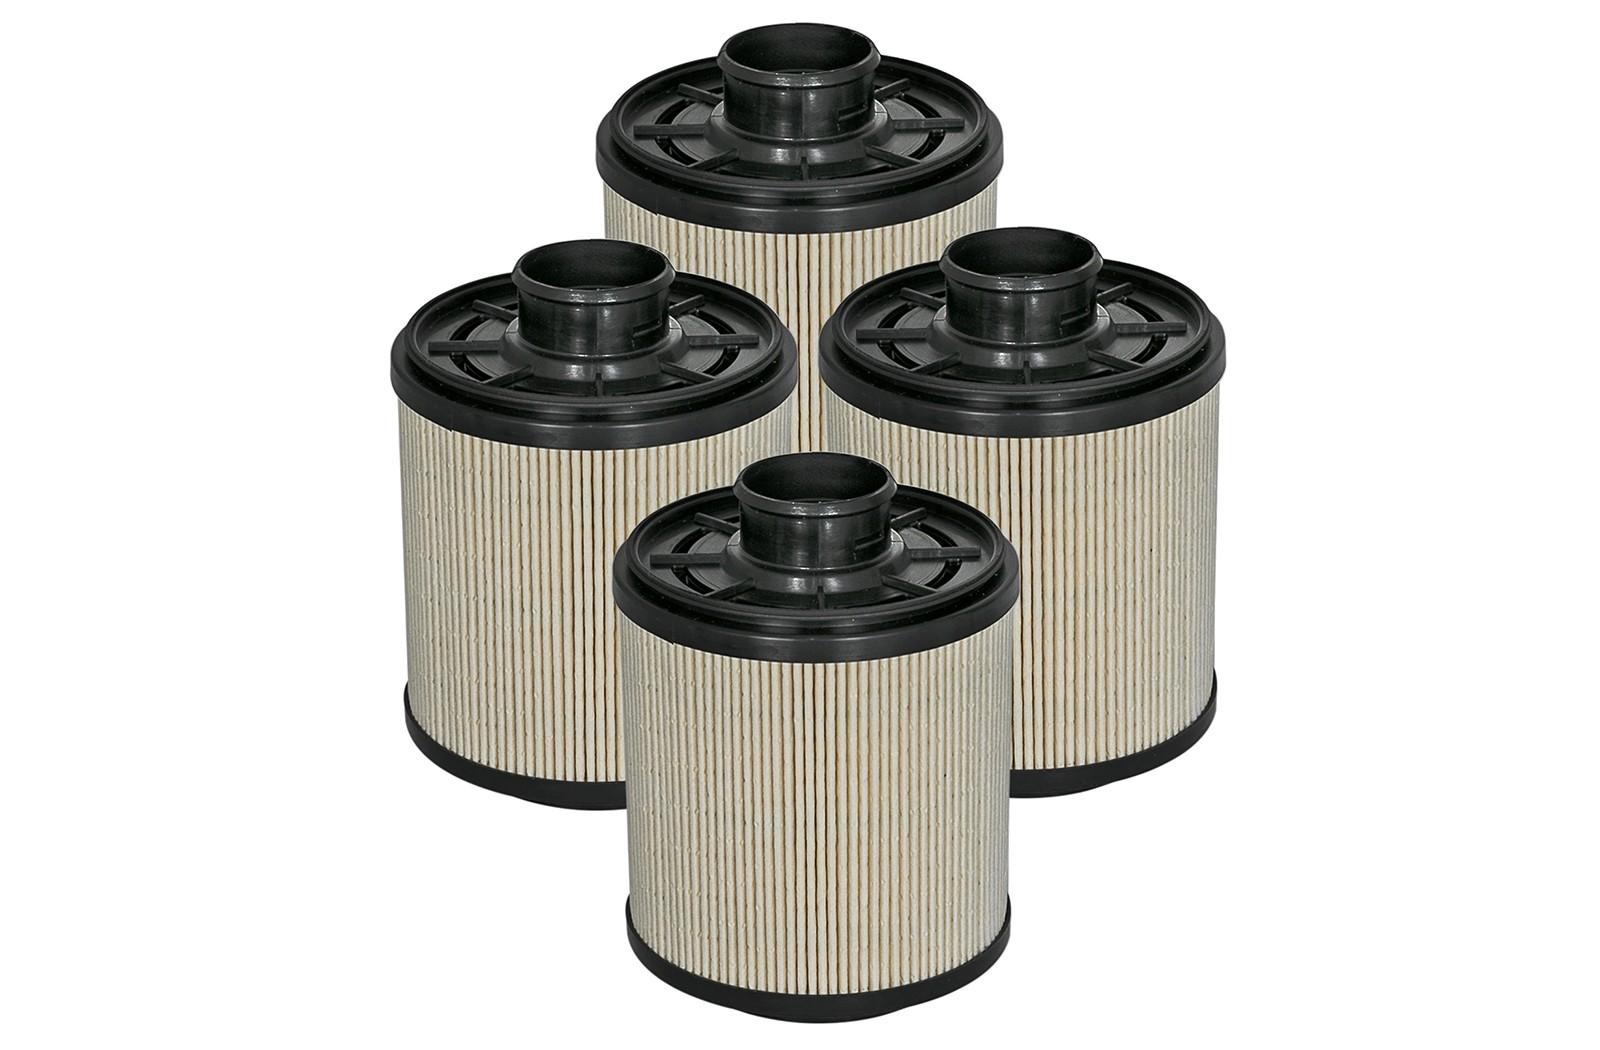 Pro GUARD D2 Fuel Filter (4 Pack) | aFe POWER | Afe Duramax Fuel Filter |  | aFe POWER